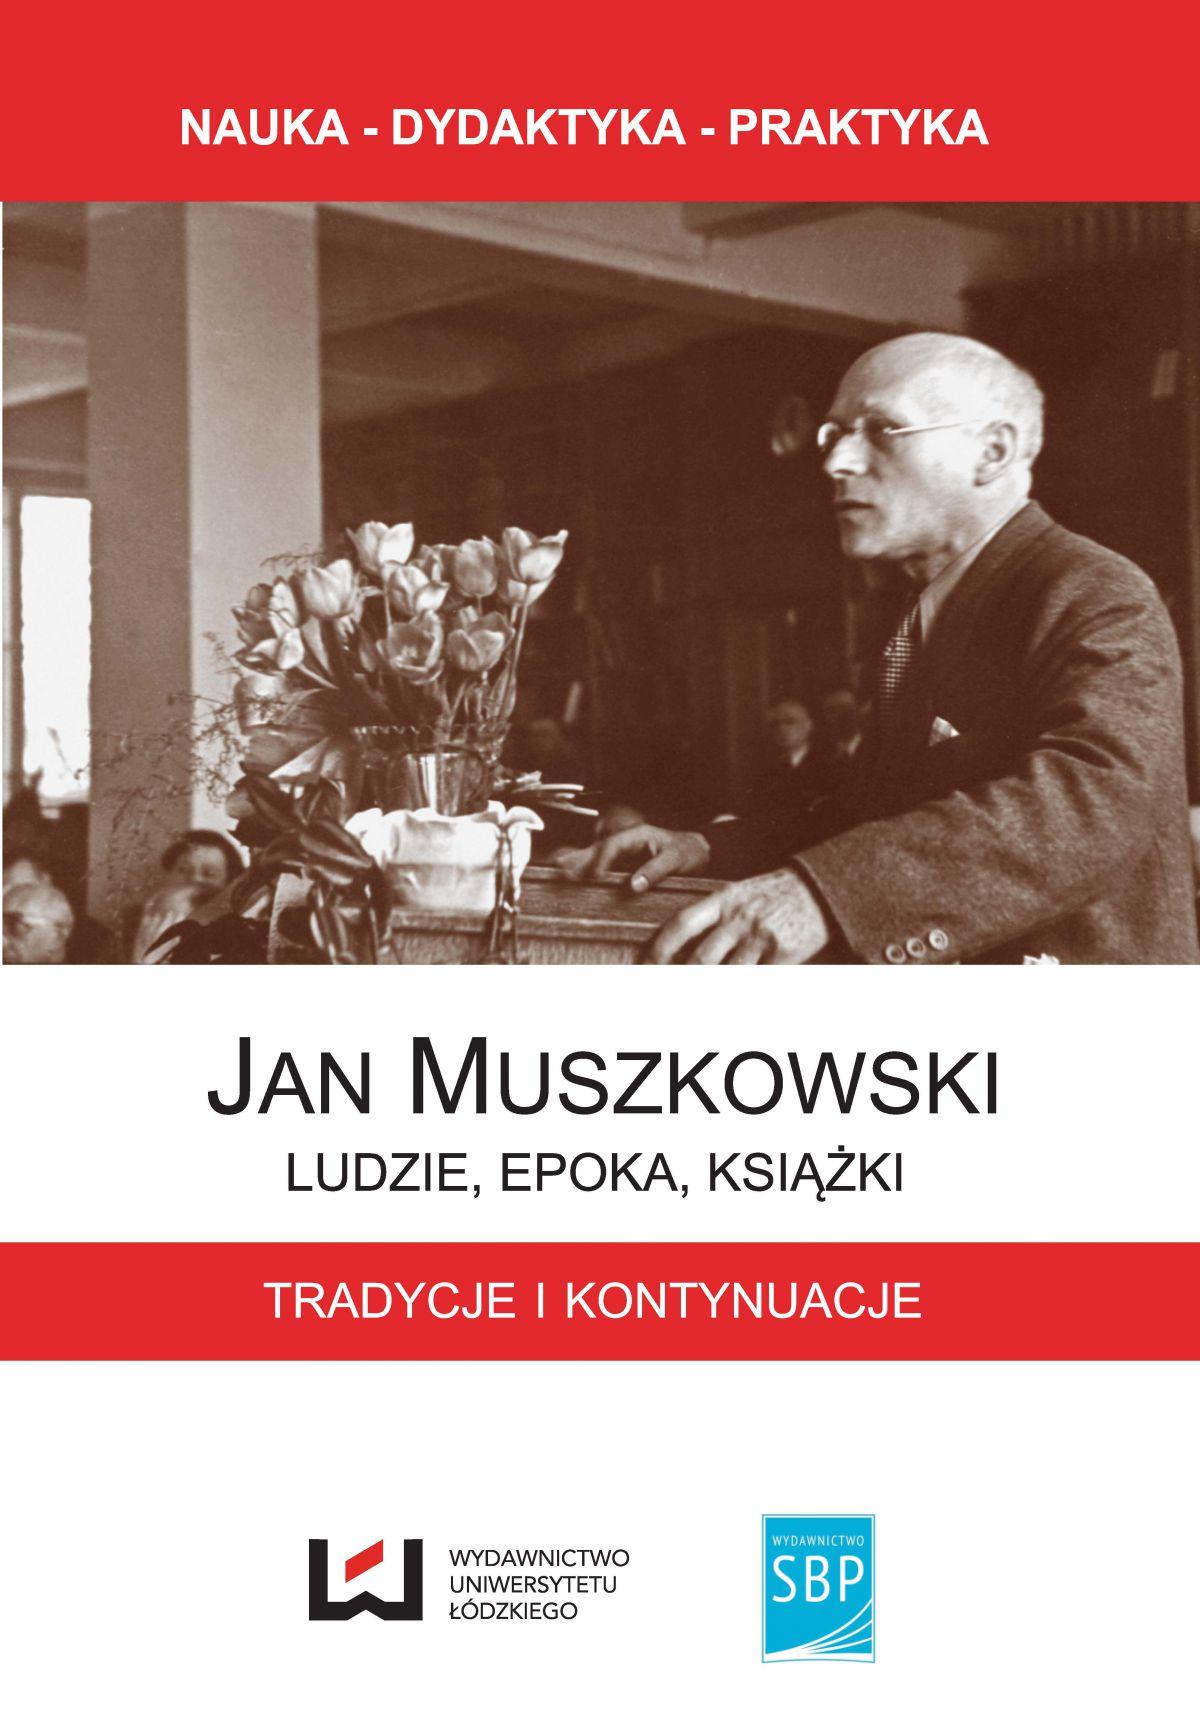 Jan Muszkowski – ludzie, epoka, książki. Tradycje i kontynuacje - Ebook (Książka PDF) do pobrania w formacie PDF